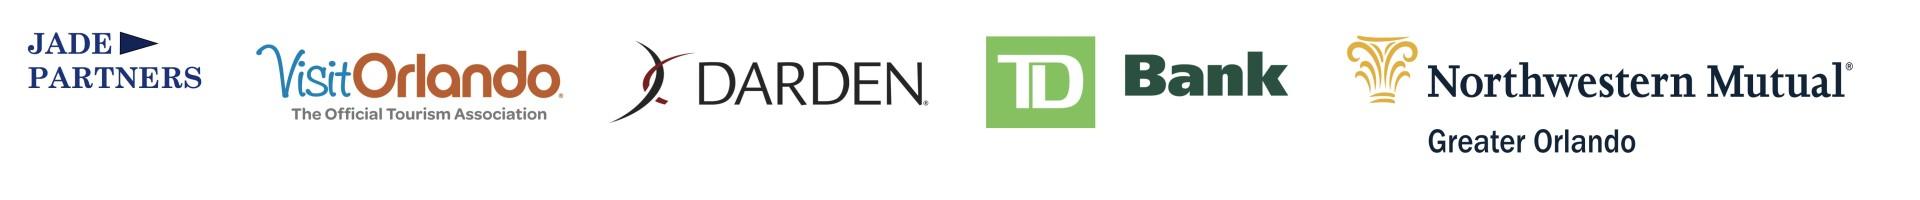 Jade Partner Logos